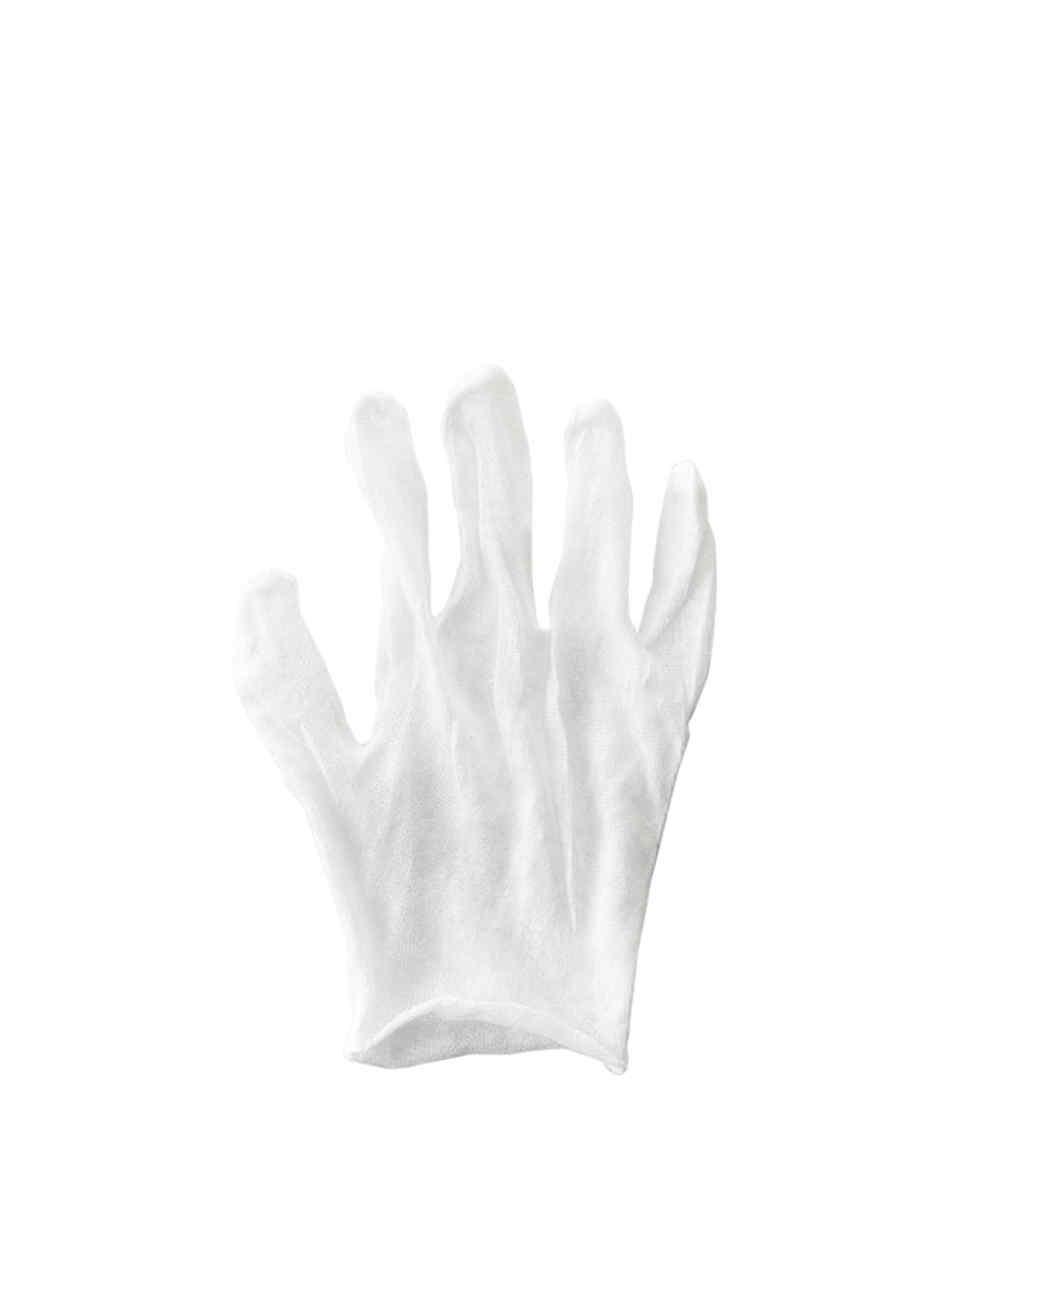 mld106069_0910_gloves05.jpg